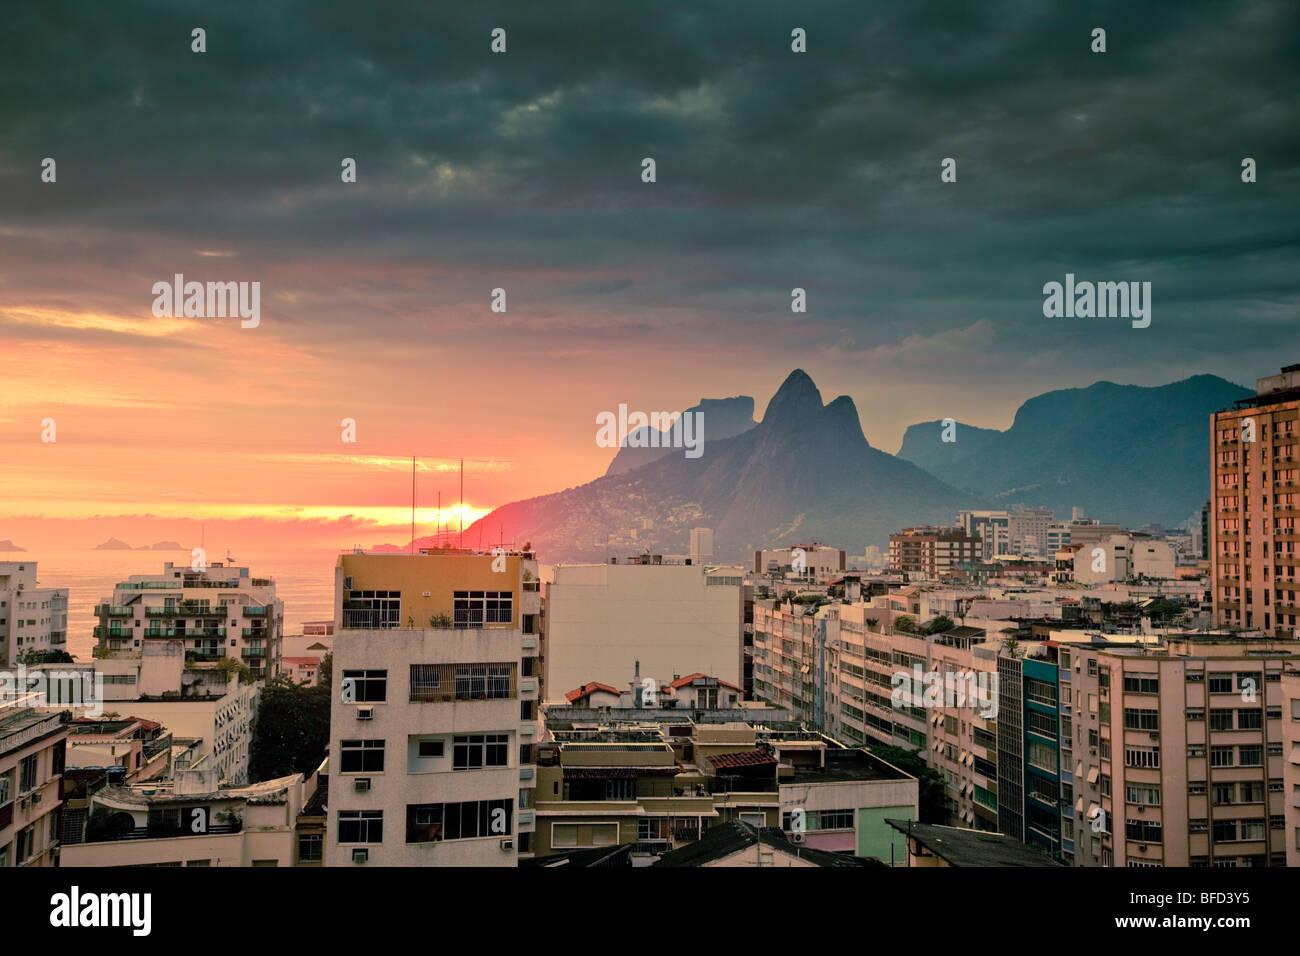 Vista sui tetti di edifici residenziali e le montagne al tramonto a Ipanema a Rio de Janeiro in Brasile Immagini Stock